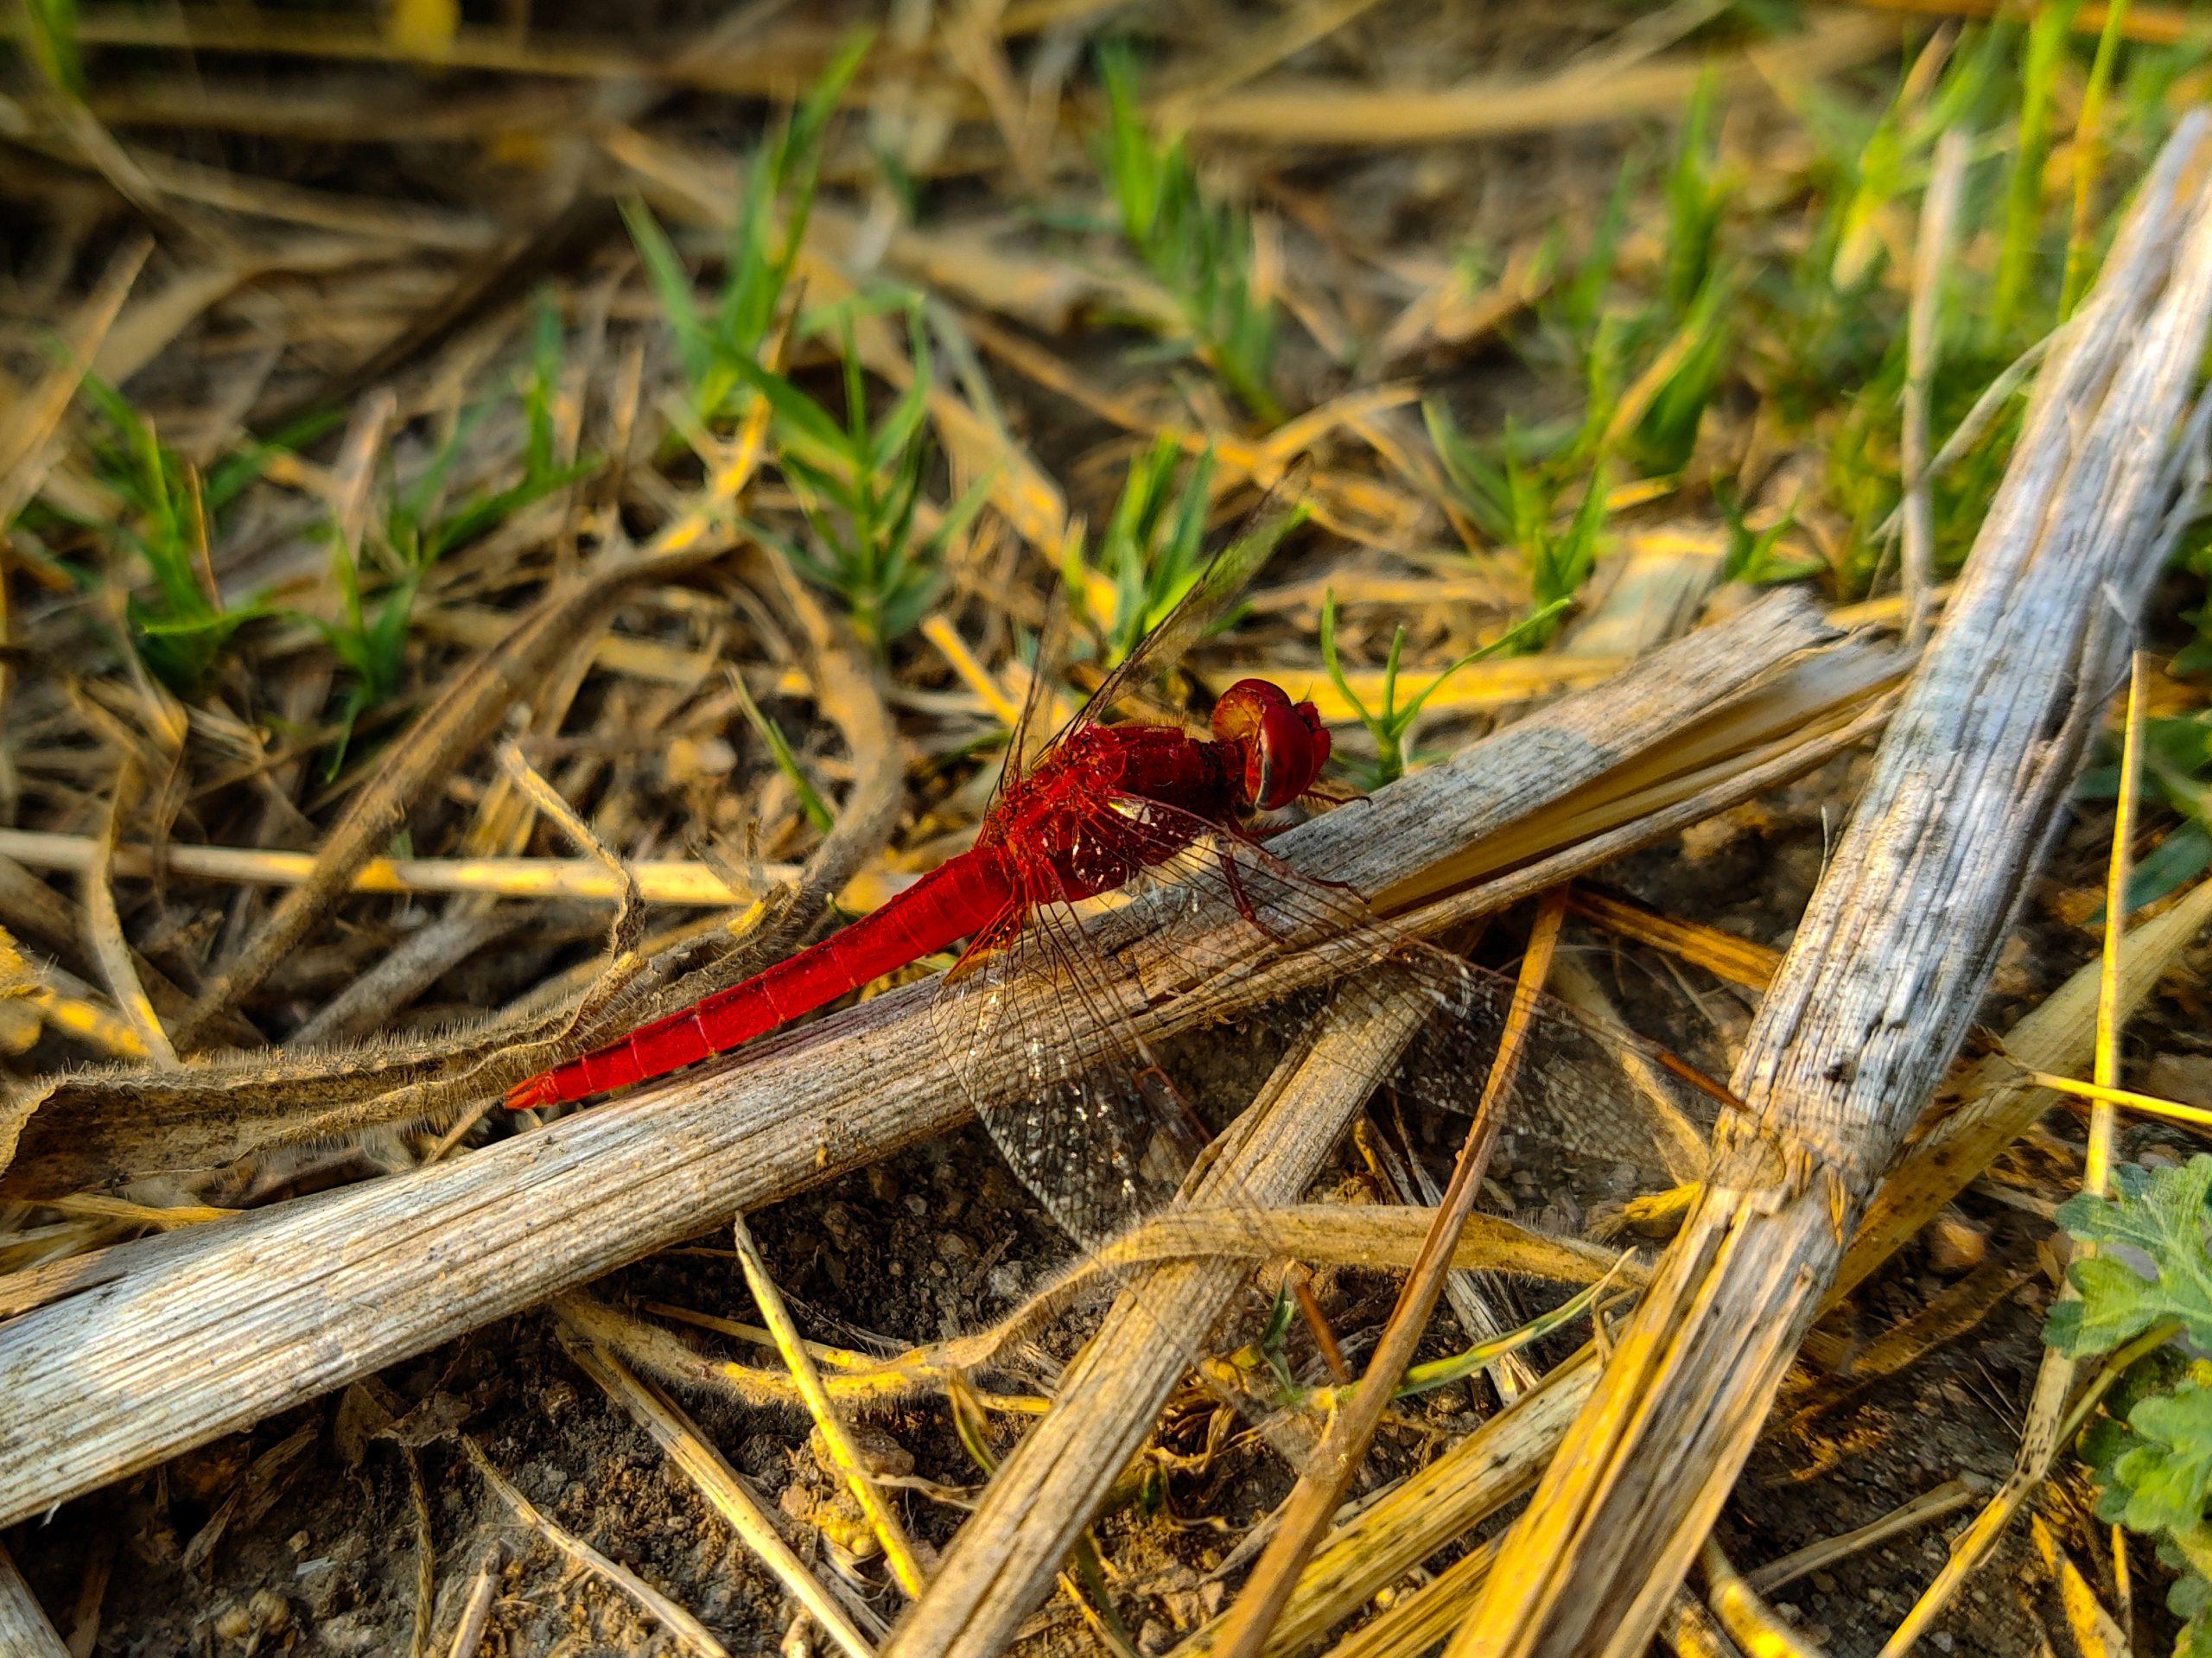 Scarlet dragonfly on a twig